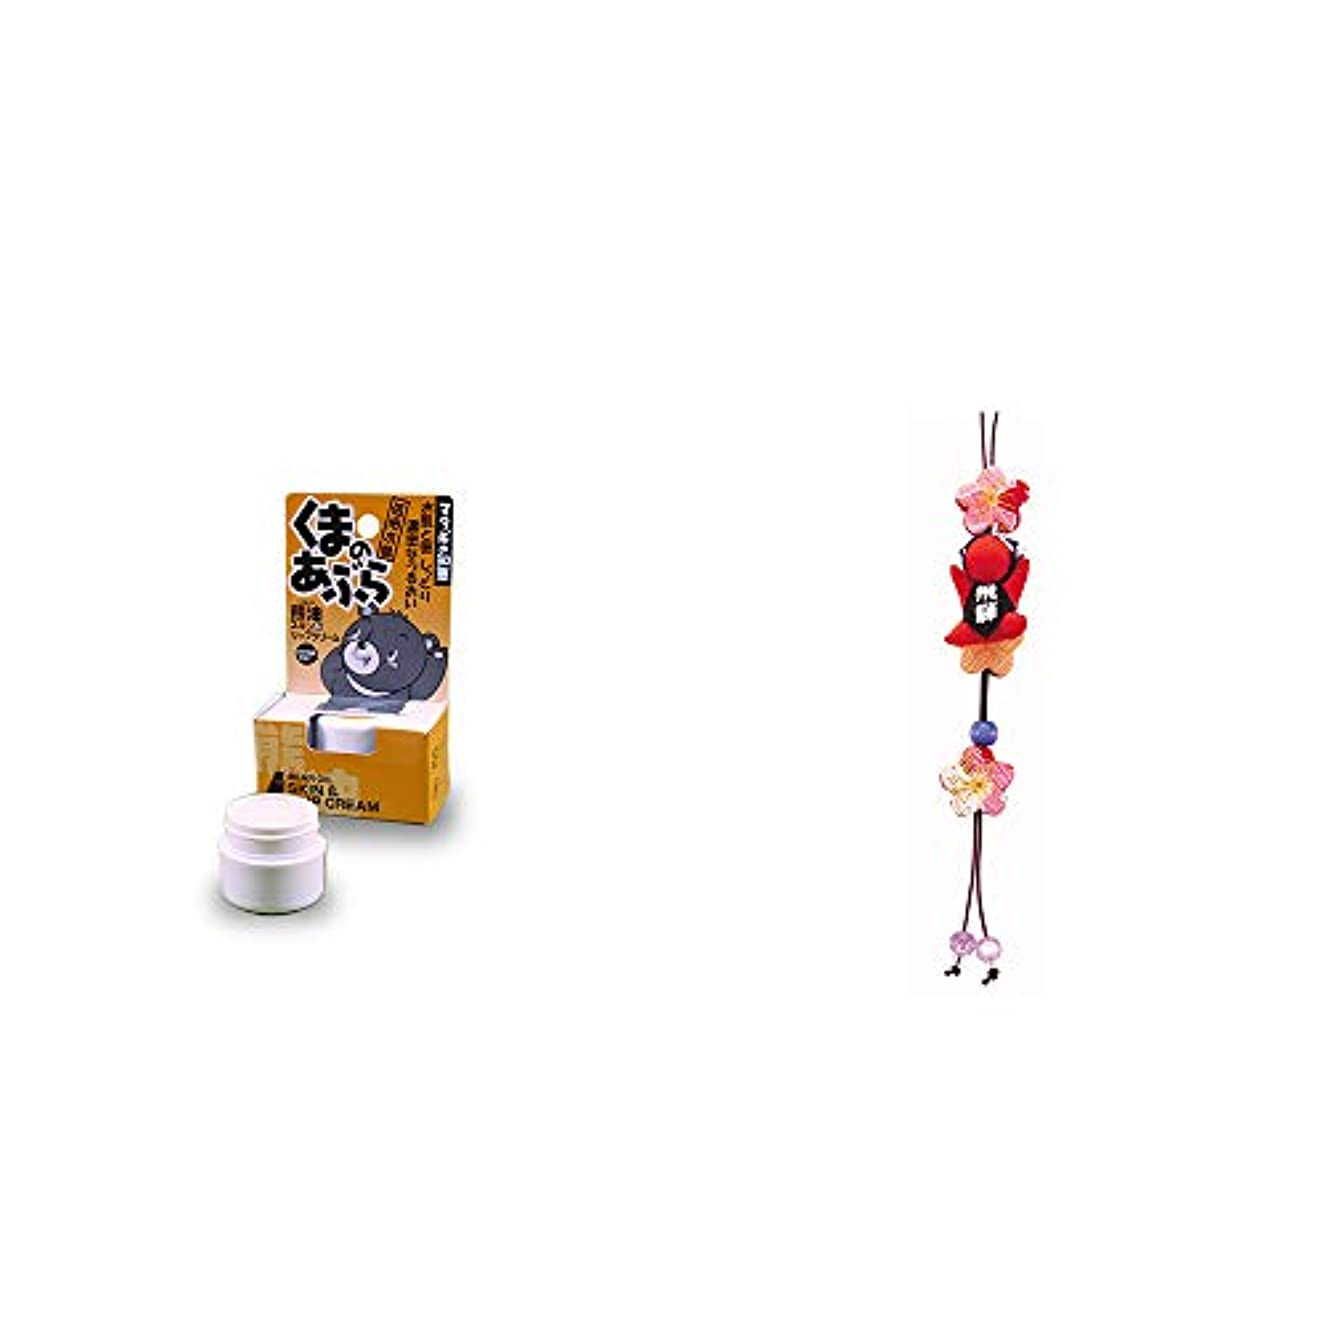 潜在的なふりをする敬意を表する[2点セット] 信州木曽 くまのあぶら 熊油スキン&リップクリーム(9g)?豆さるぼぼ 和風ストラップ【赤】 / 縁結び?魔除け //